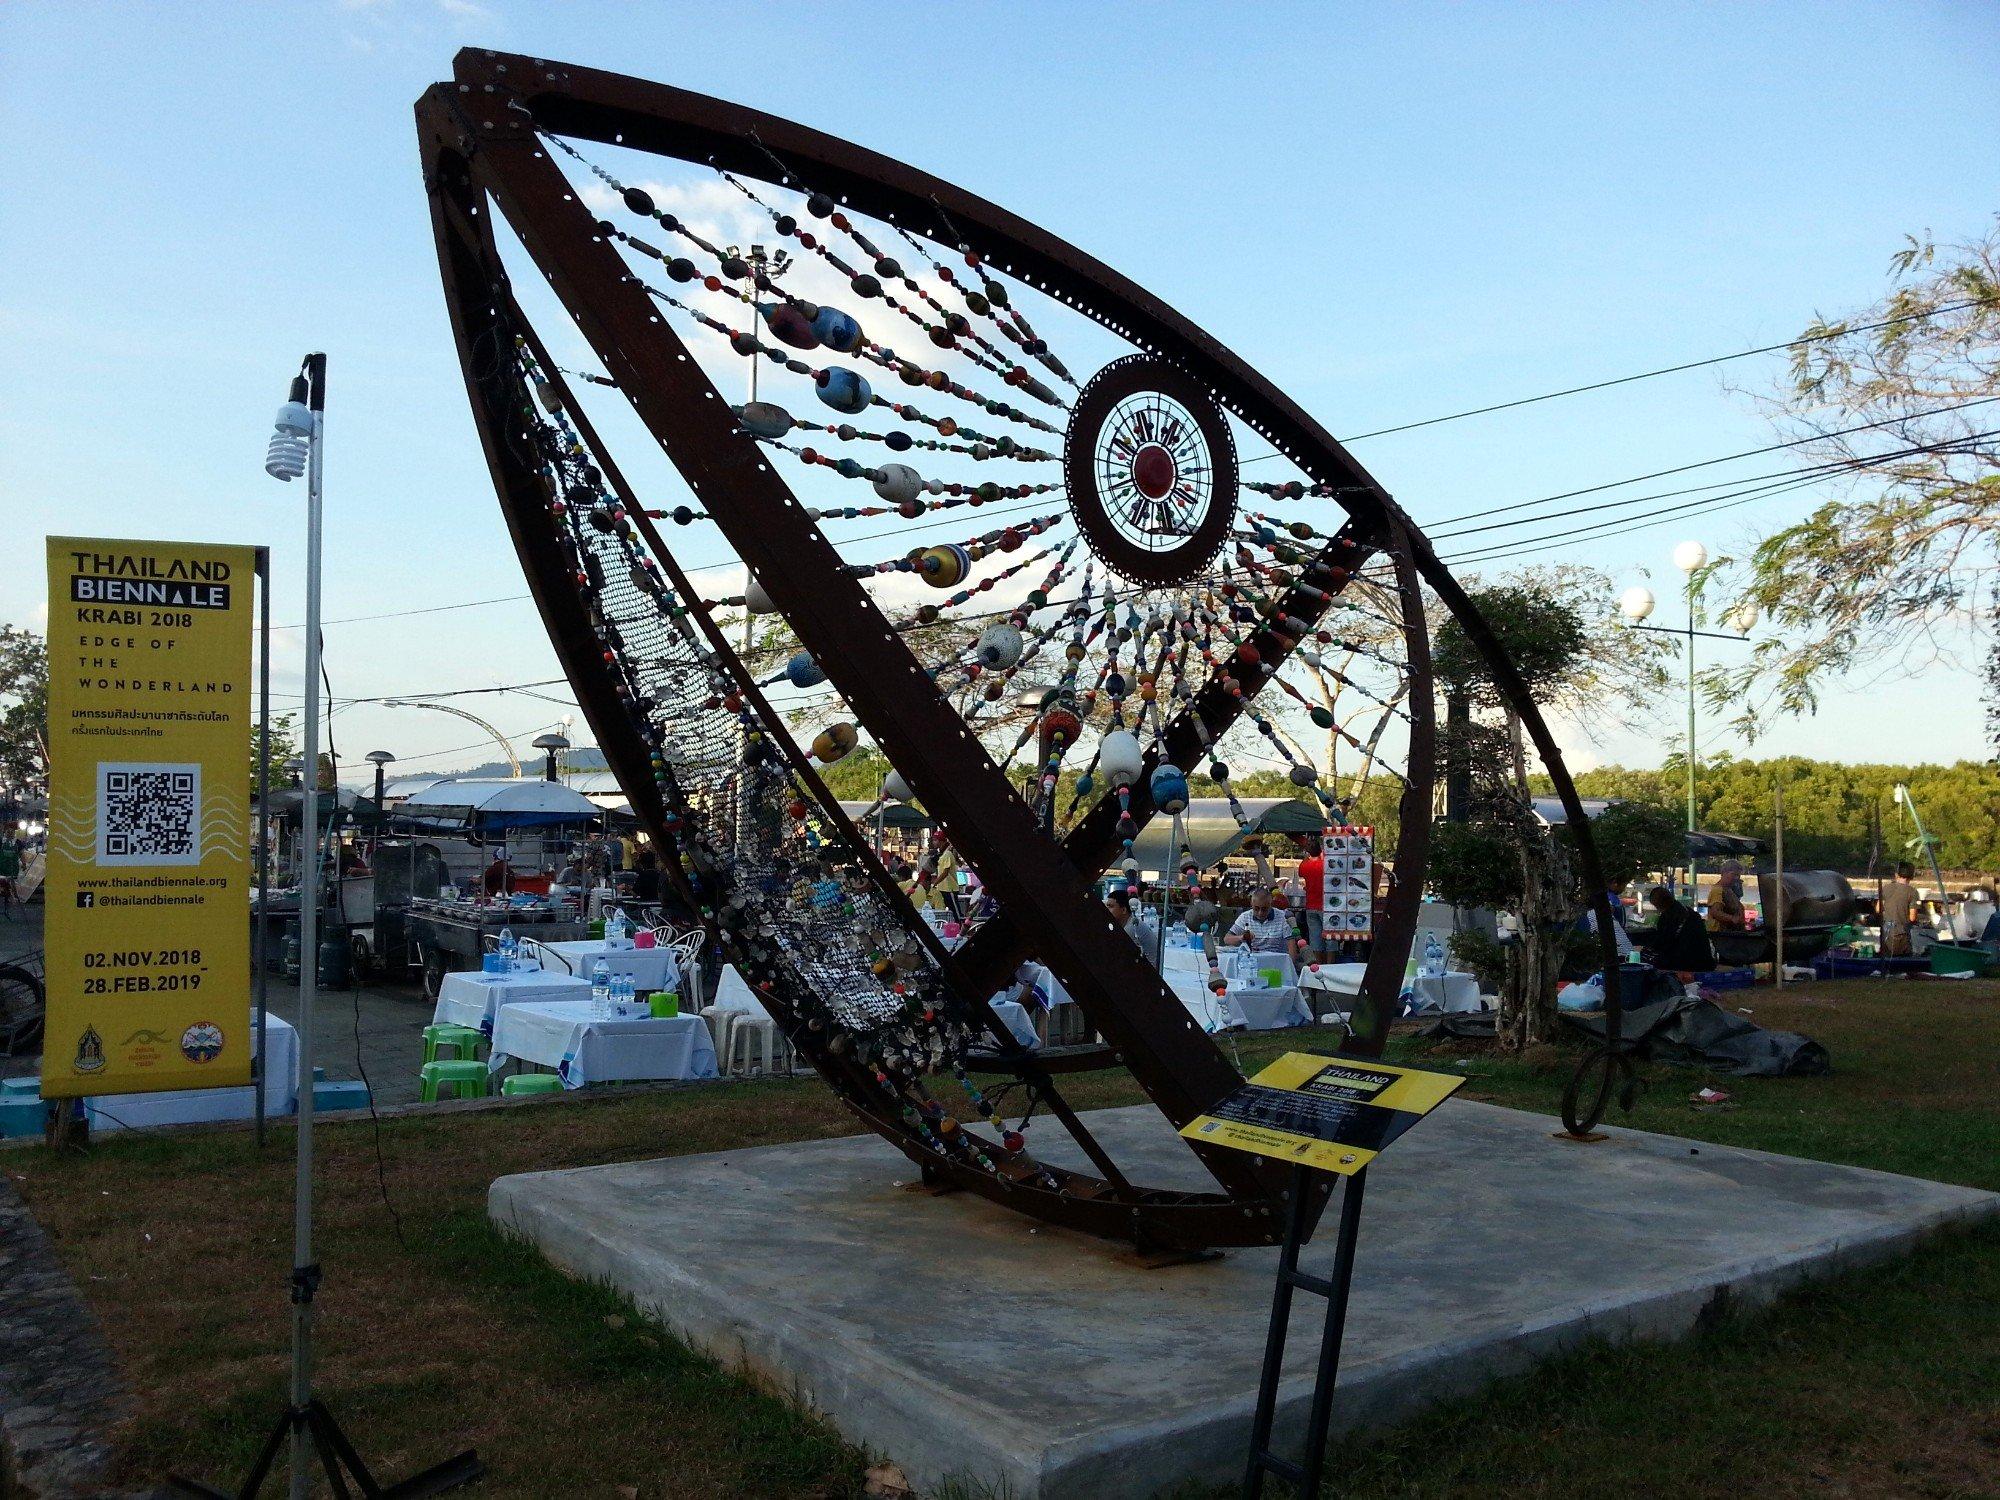 Sculpture in front of Krabi Night Market